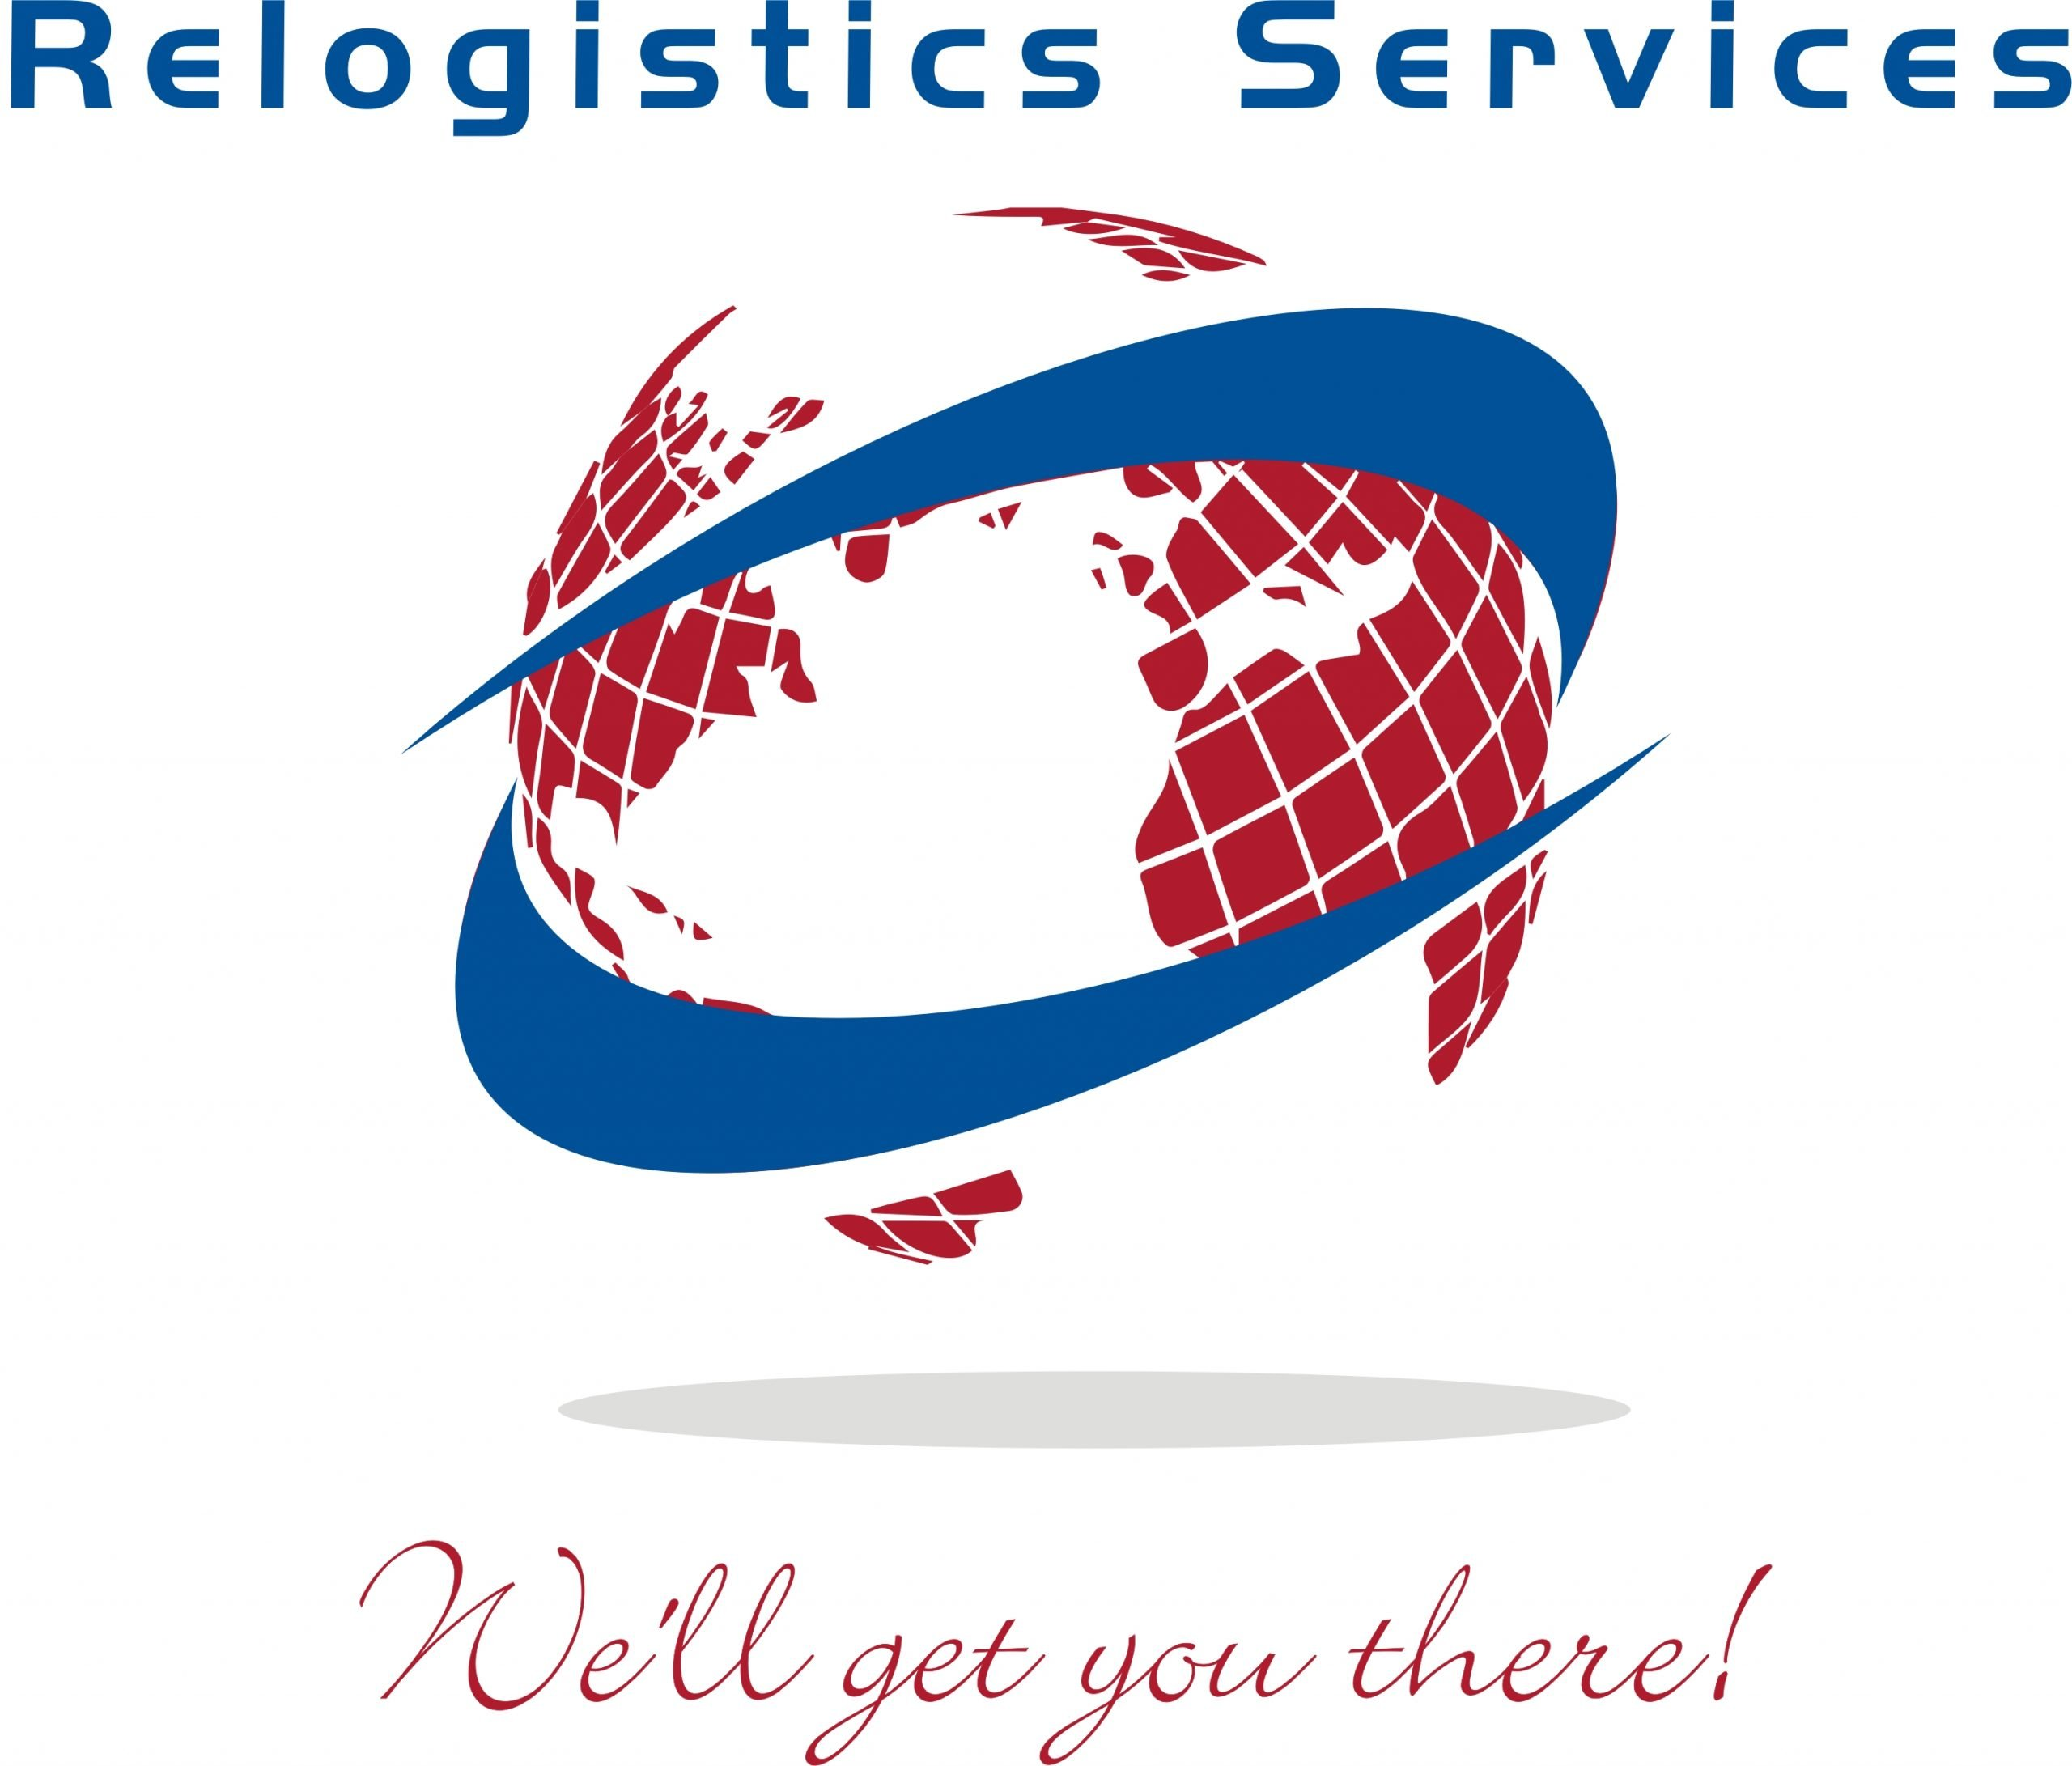 Relogistics Services